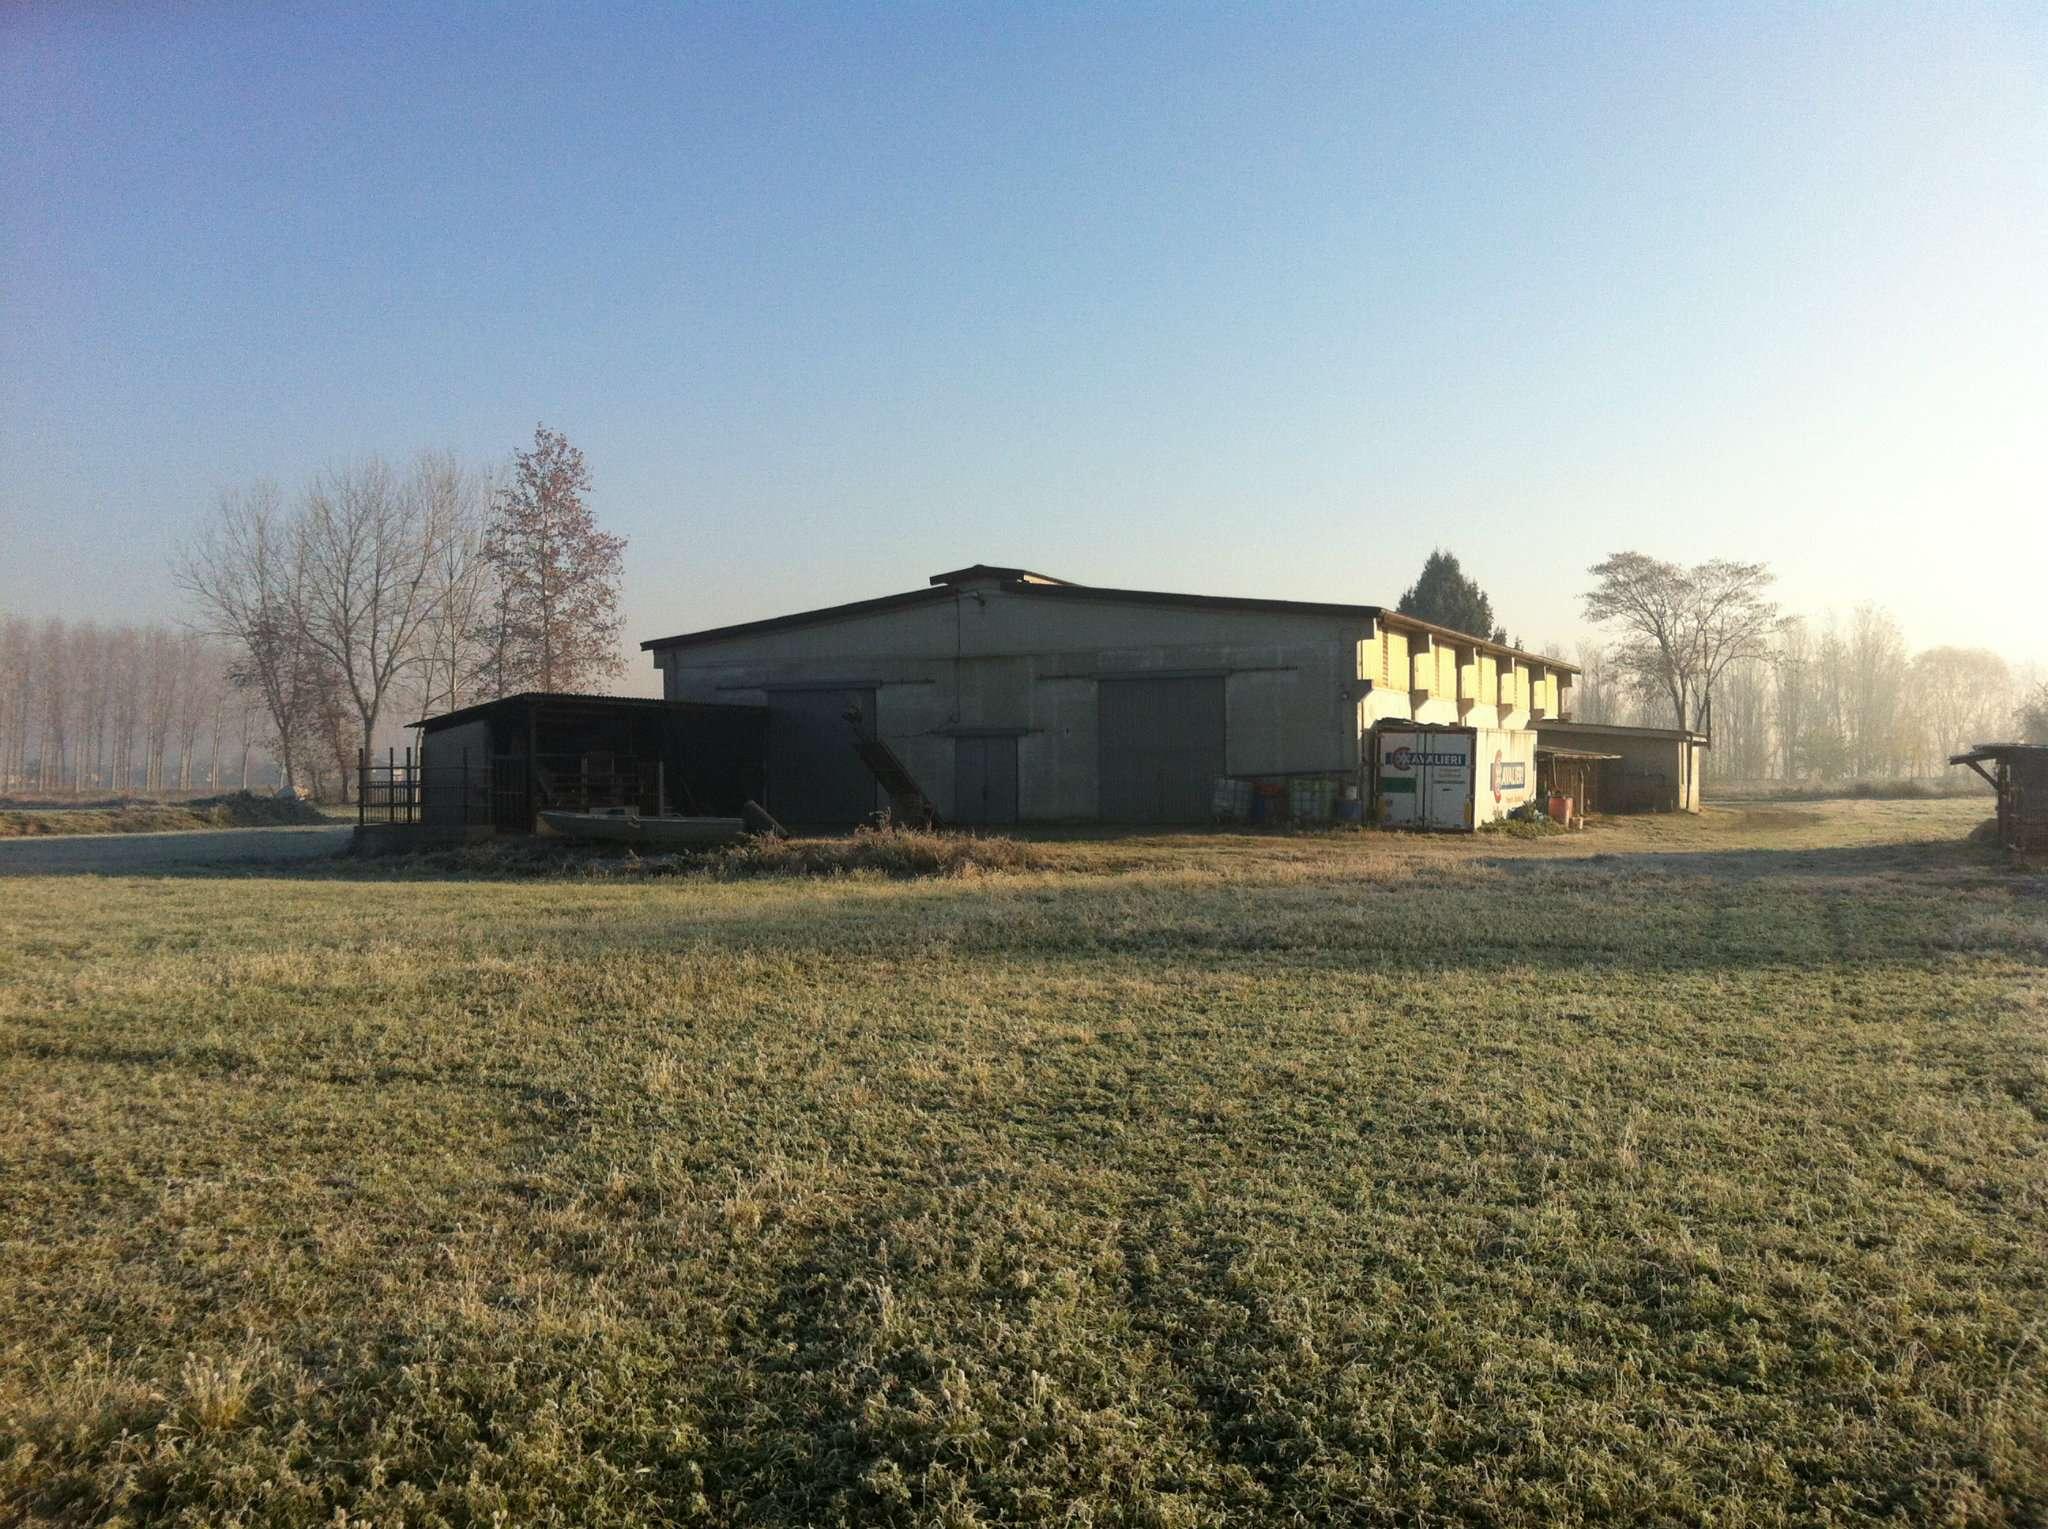 Terreno Agricolo in vendita a Crema, 1 locali, prezzo € 150.000 | Cambio Casa.it